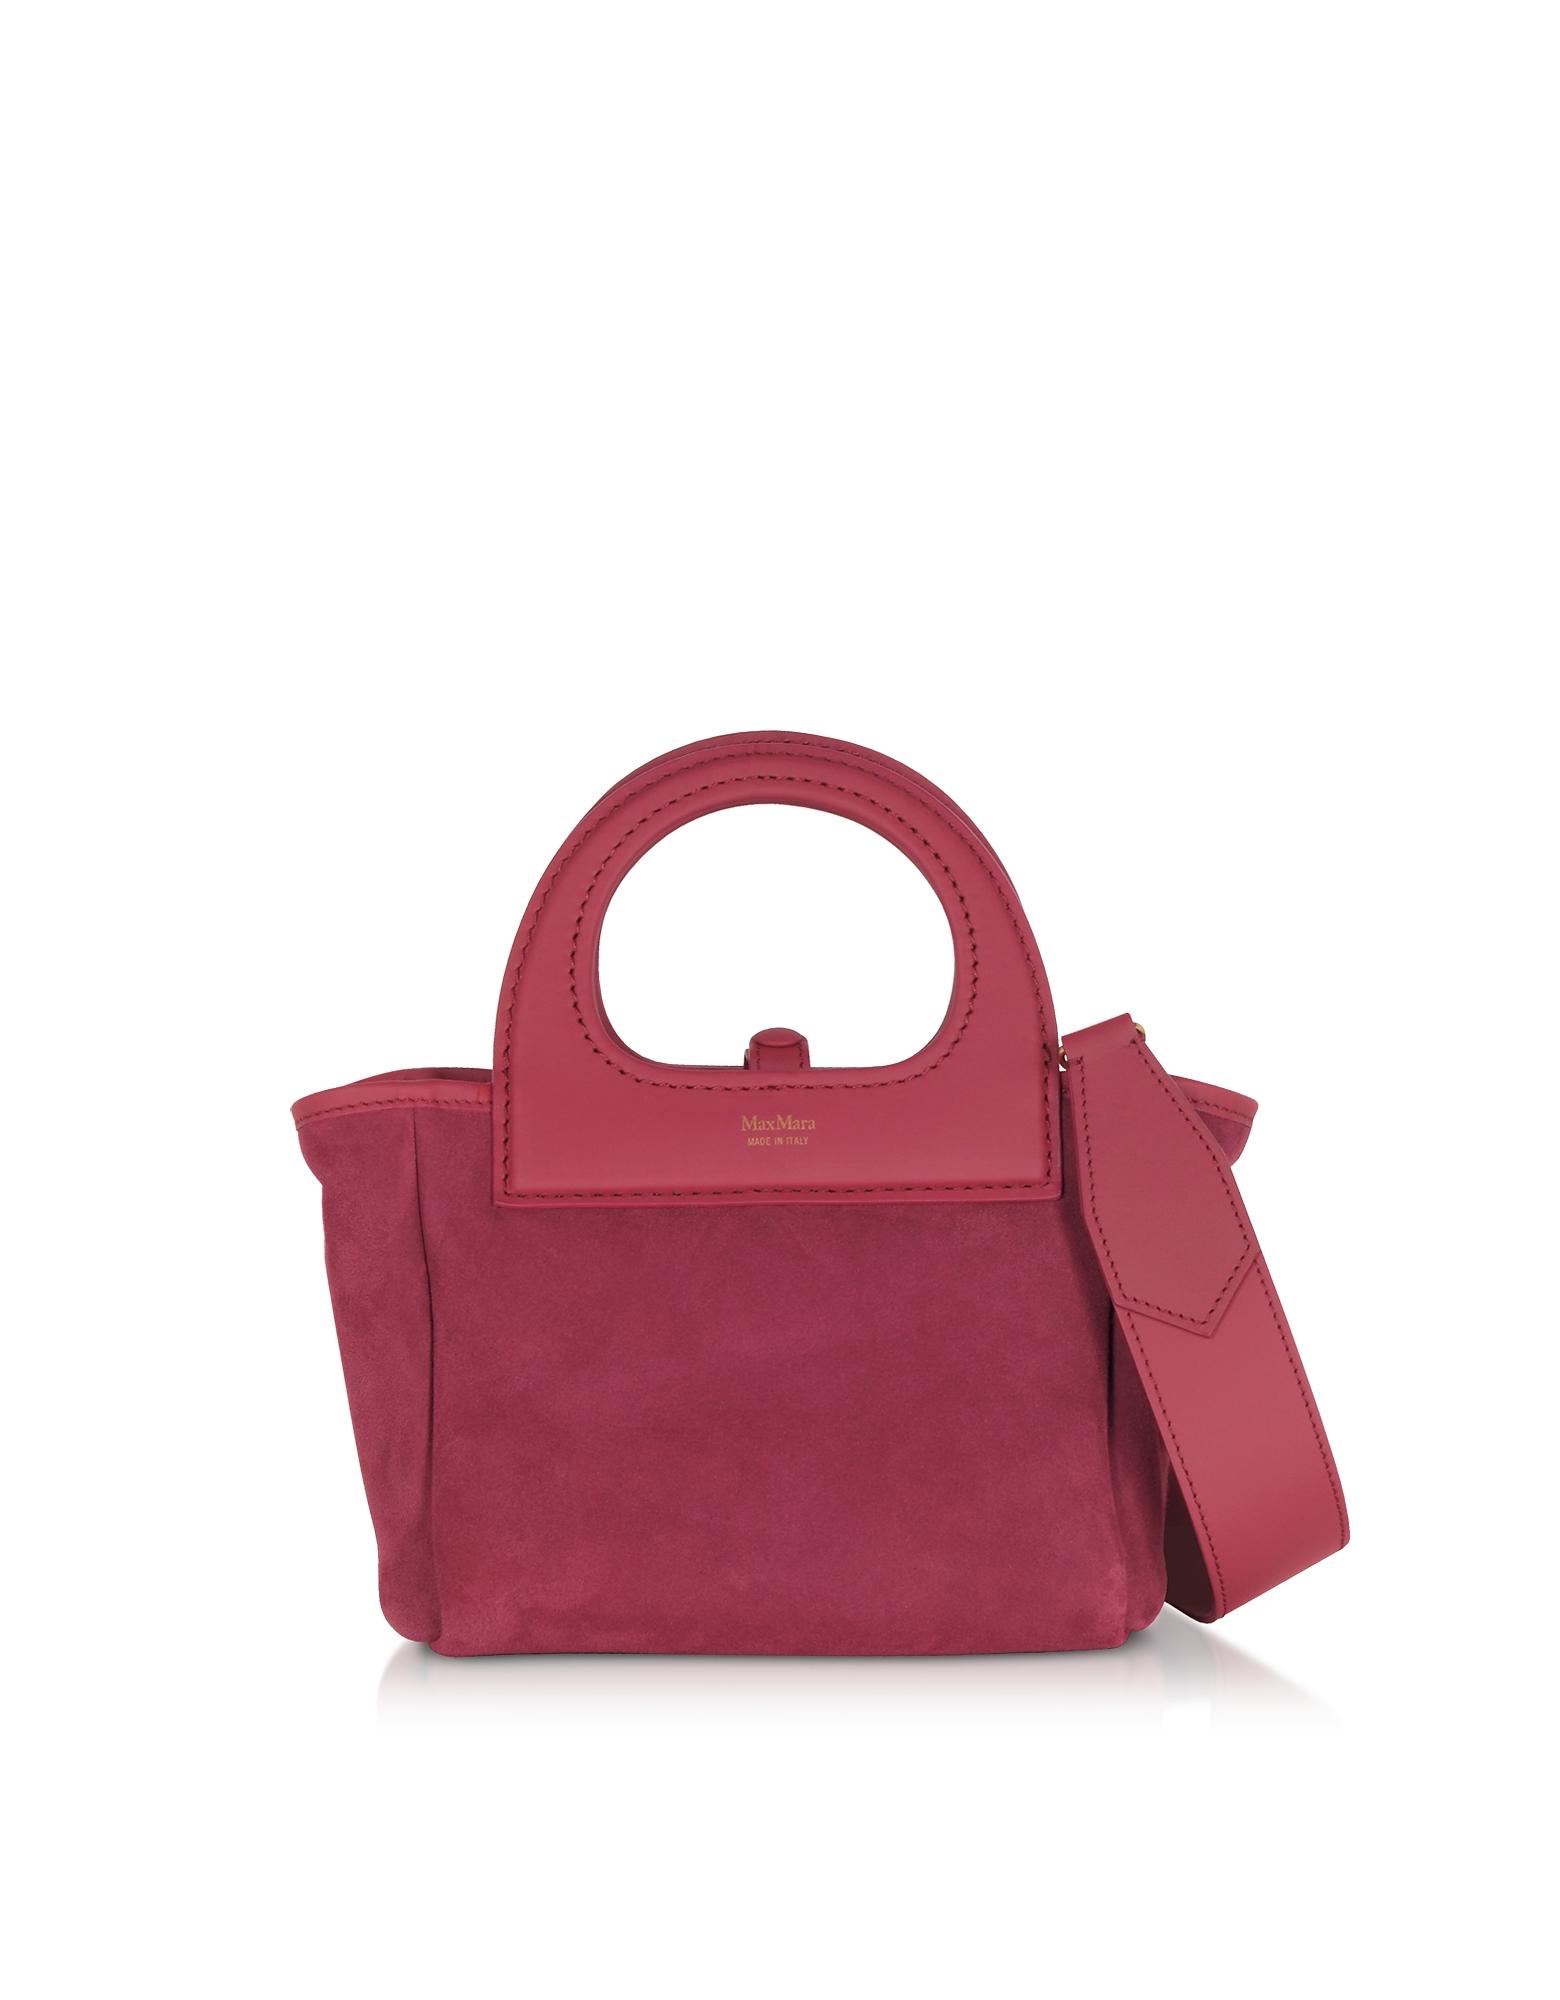 Max Mara Designer Handbags, Two-Tone Reversible Nano Top Handle Bag